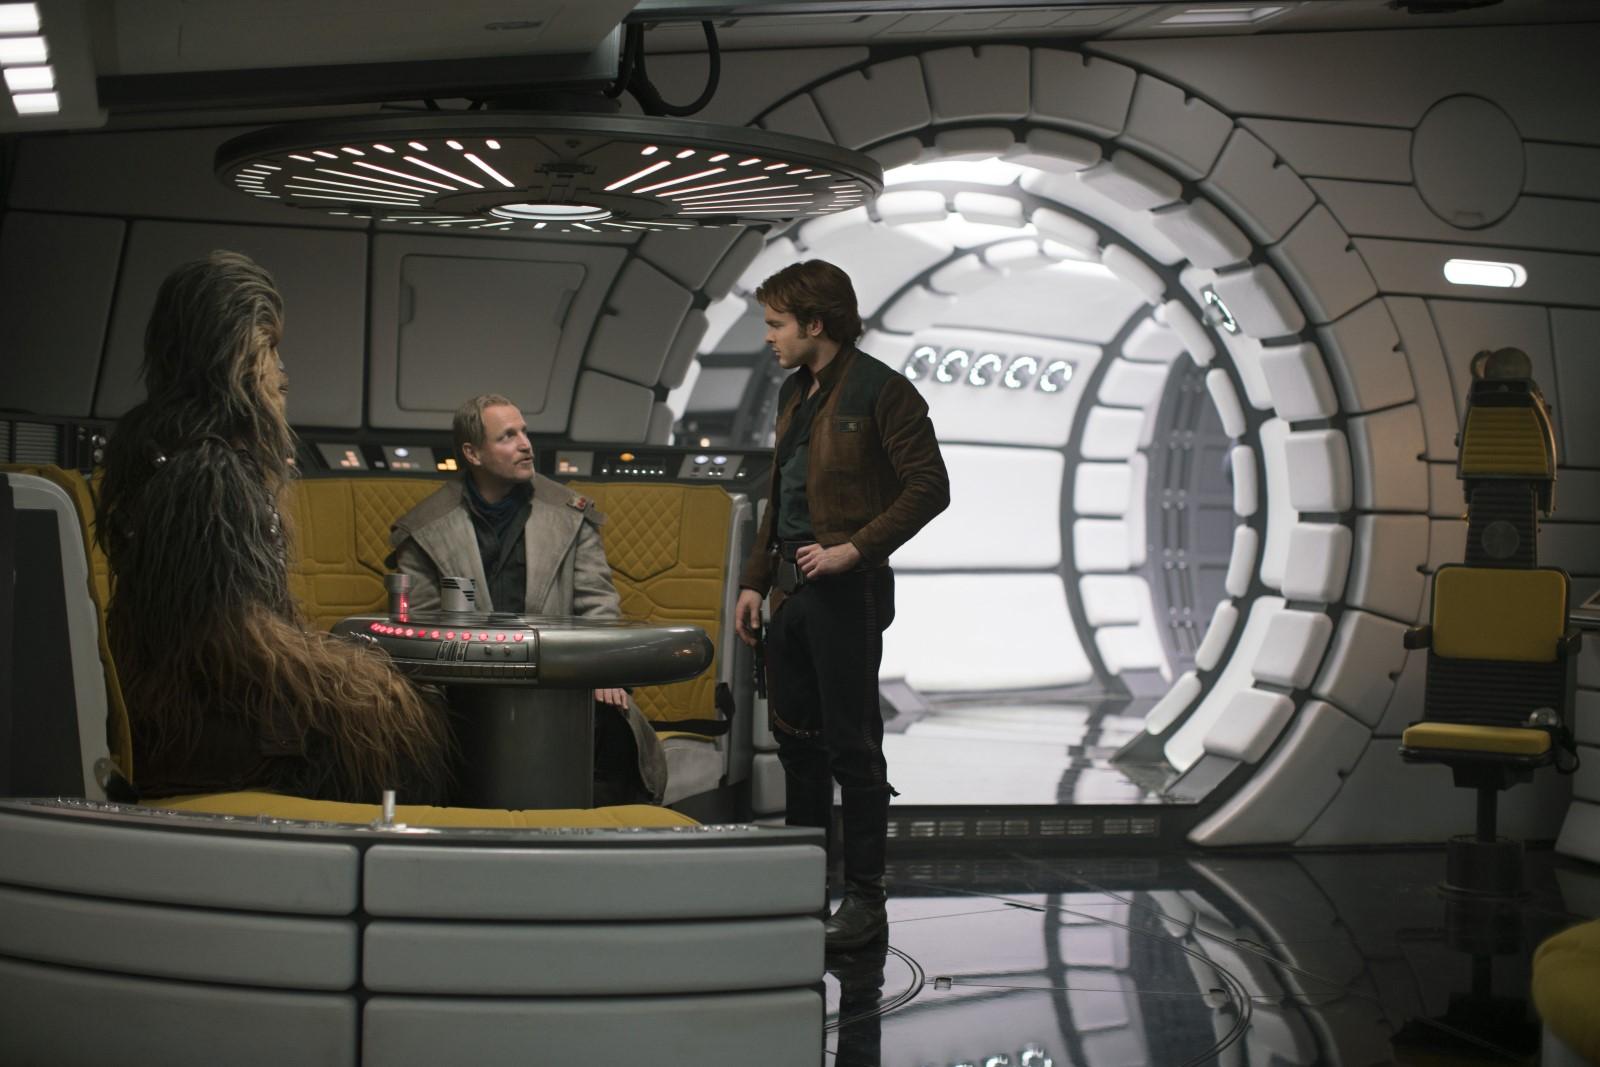 La nouvelle bande-annonce de Solo A Star Wars Story